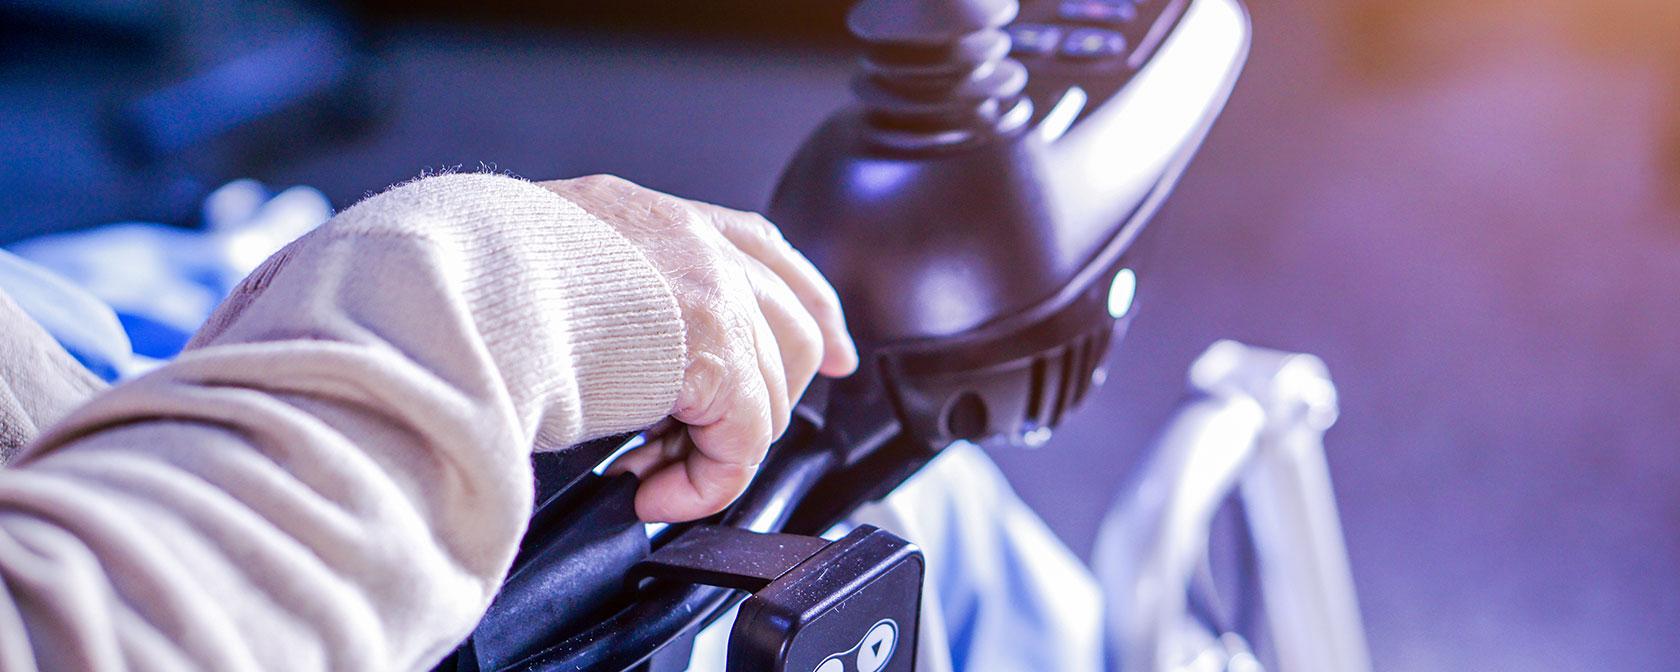 Le matériel médical d'assistance et motorisation électrique